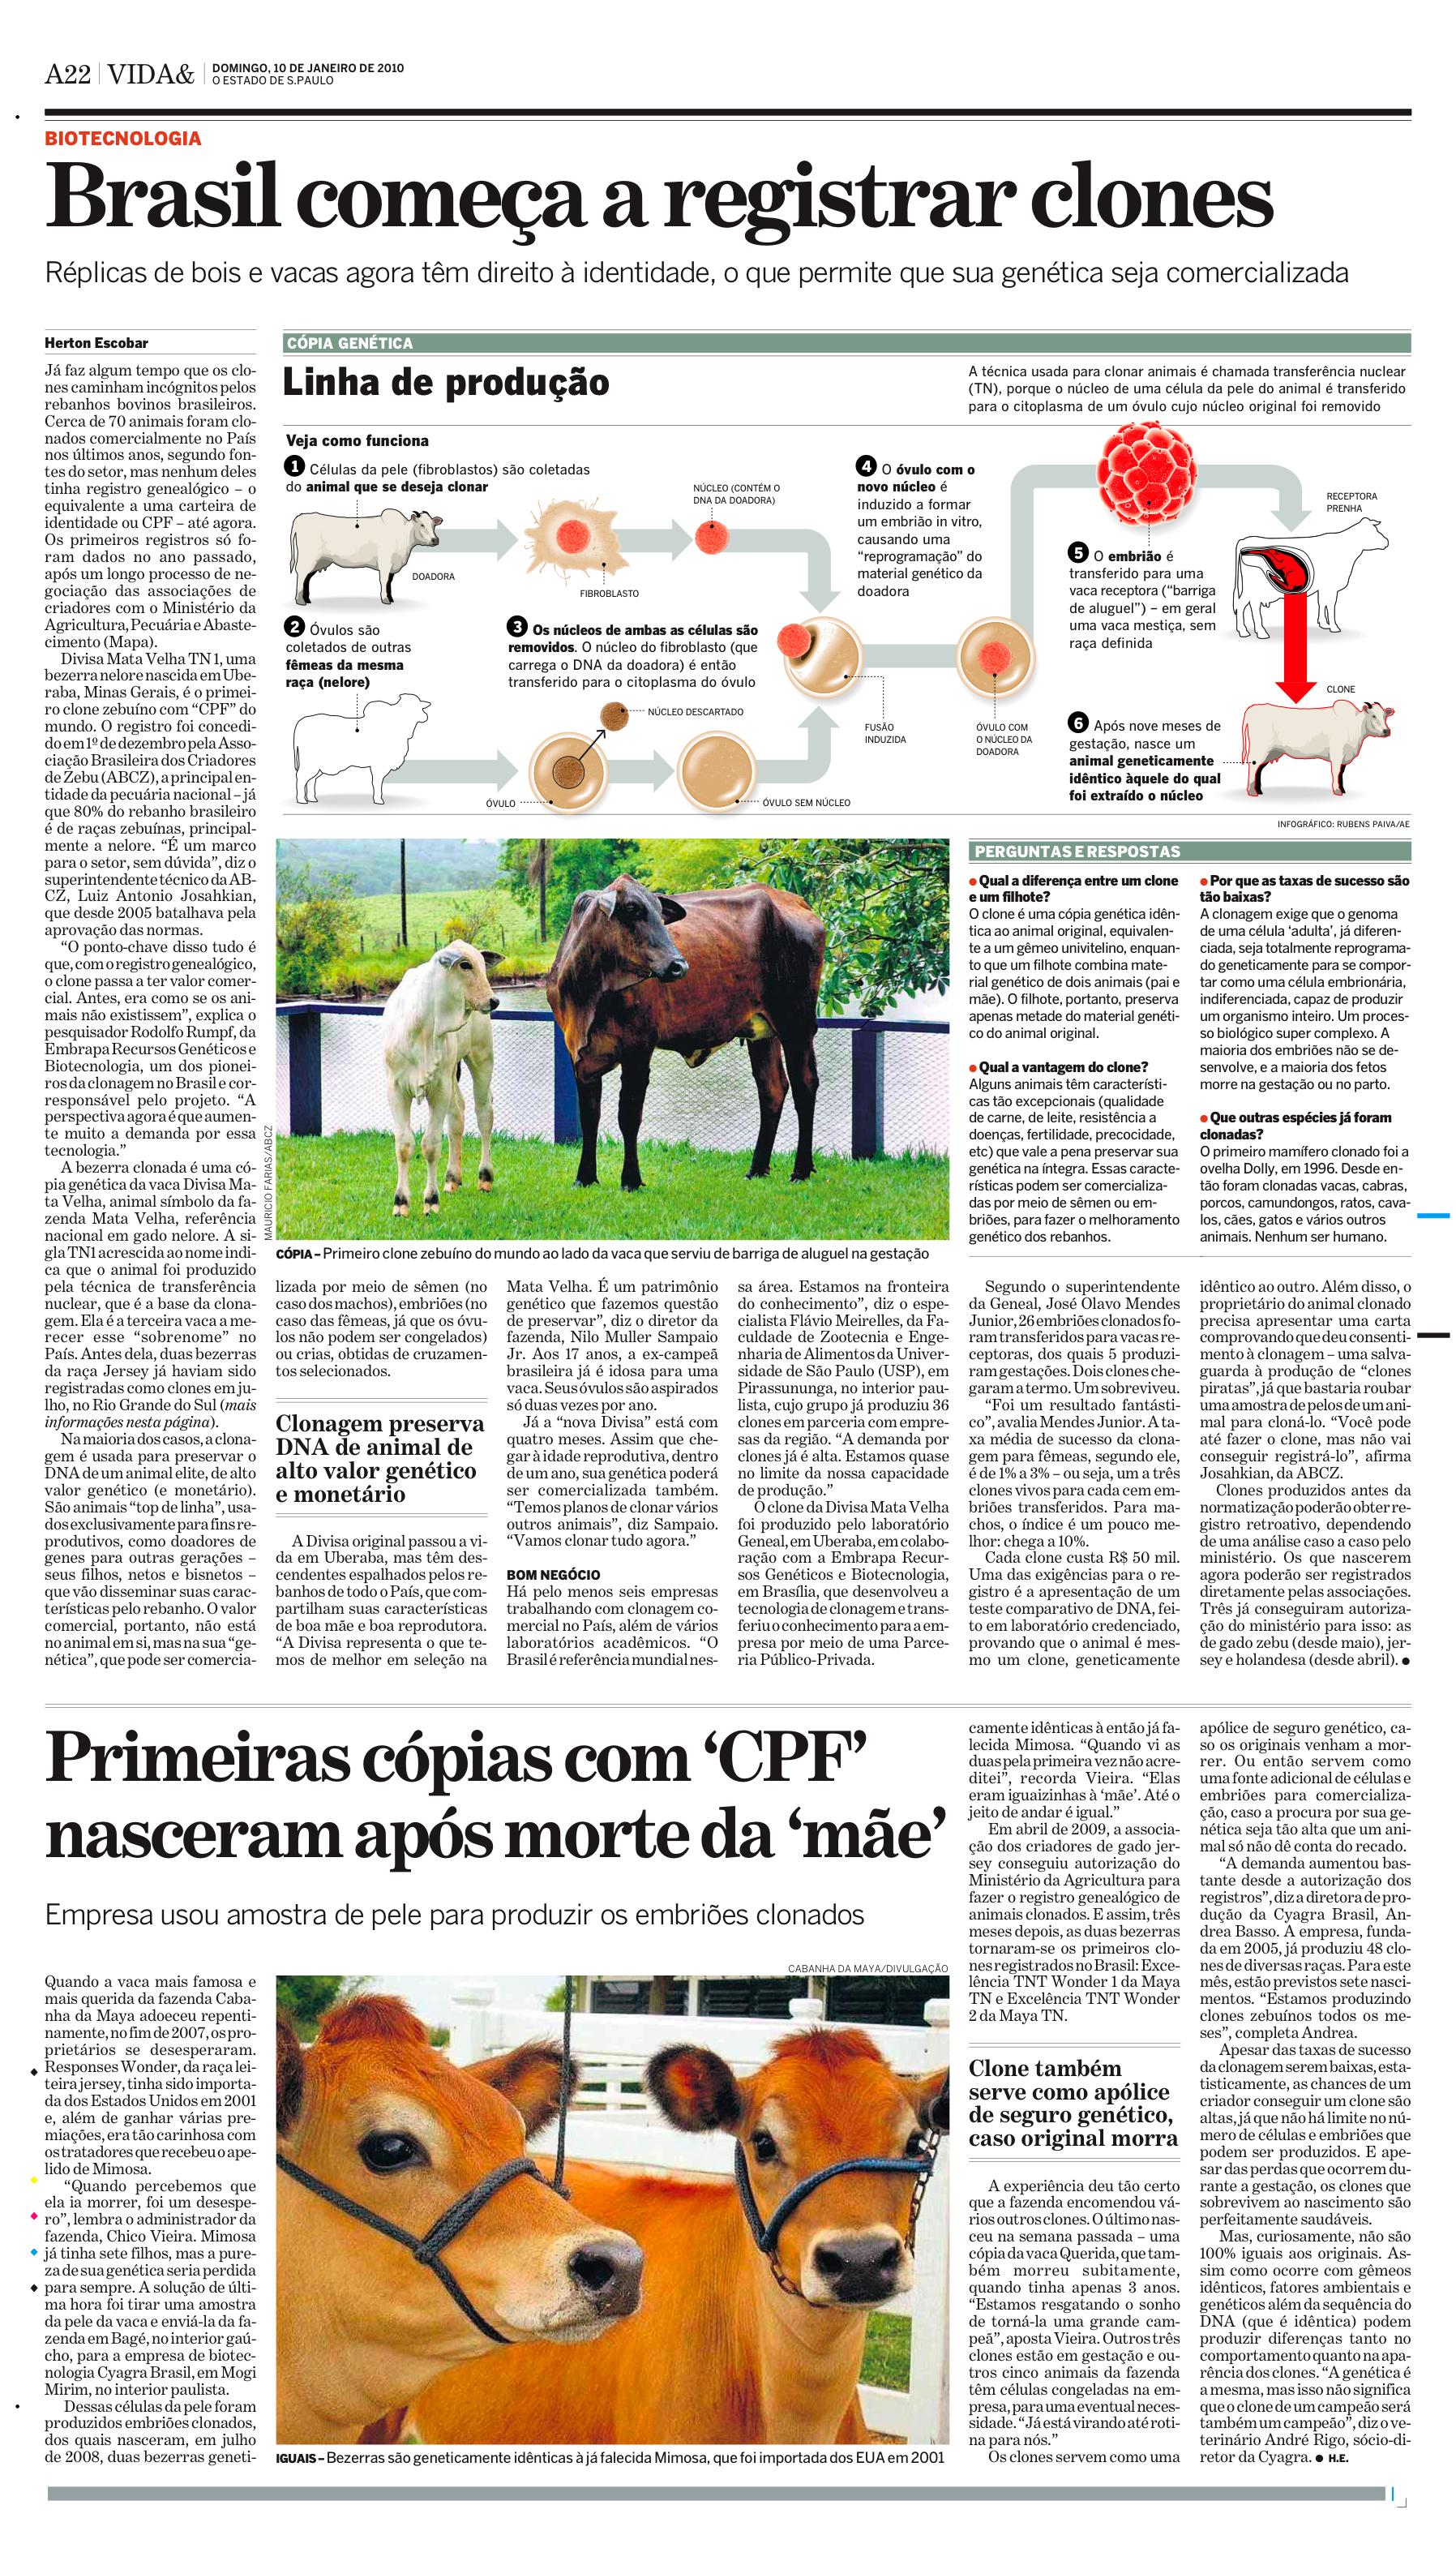 Brasil começa a registrar clones